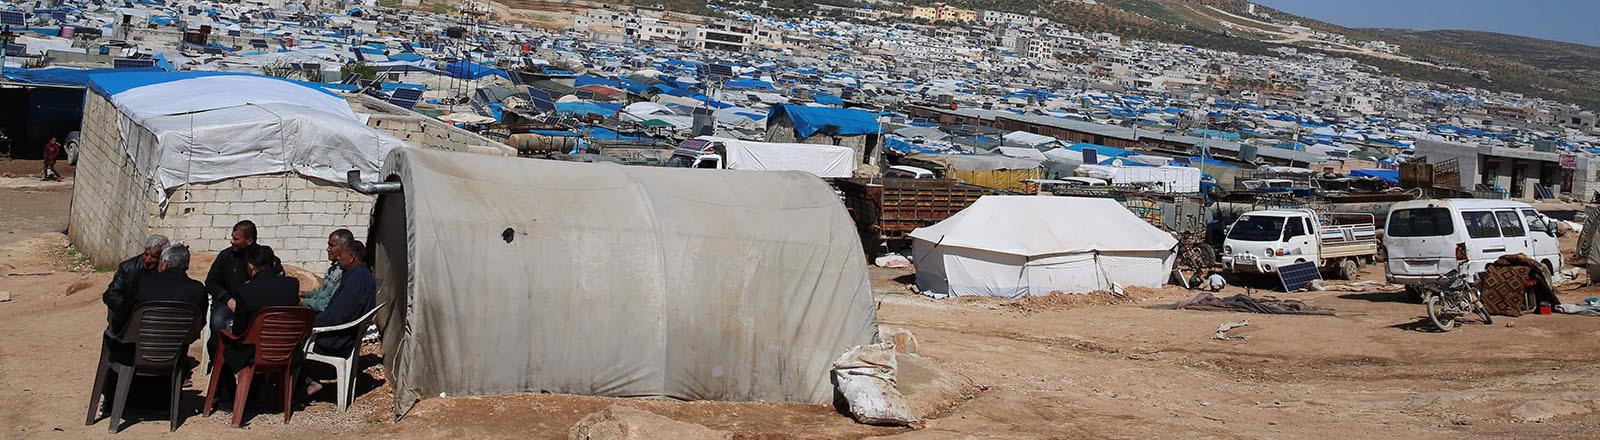 Blick auf das Flüchtlingslager in Atma in der syrischen Provinz Idlib (22.03.2020)